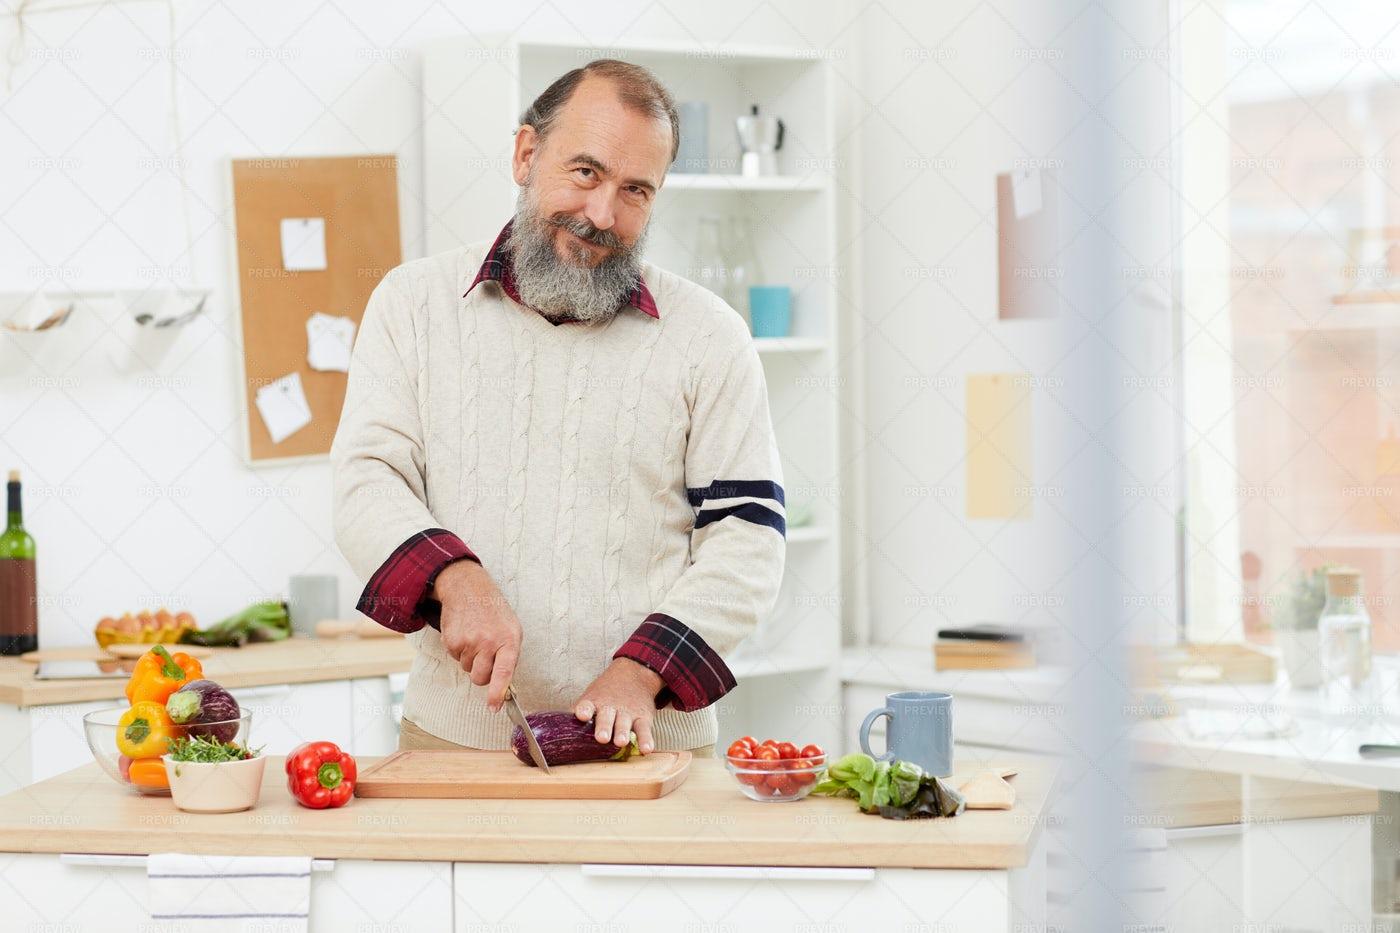 Smiling Senior Man Cooking In...: Stock Photos